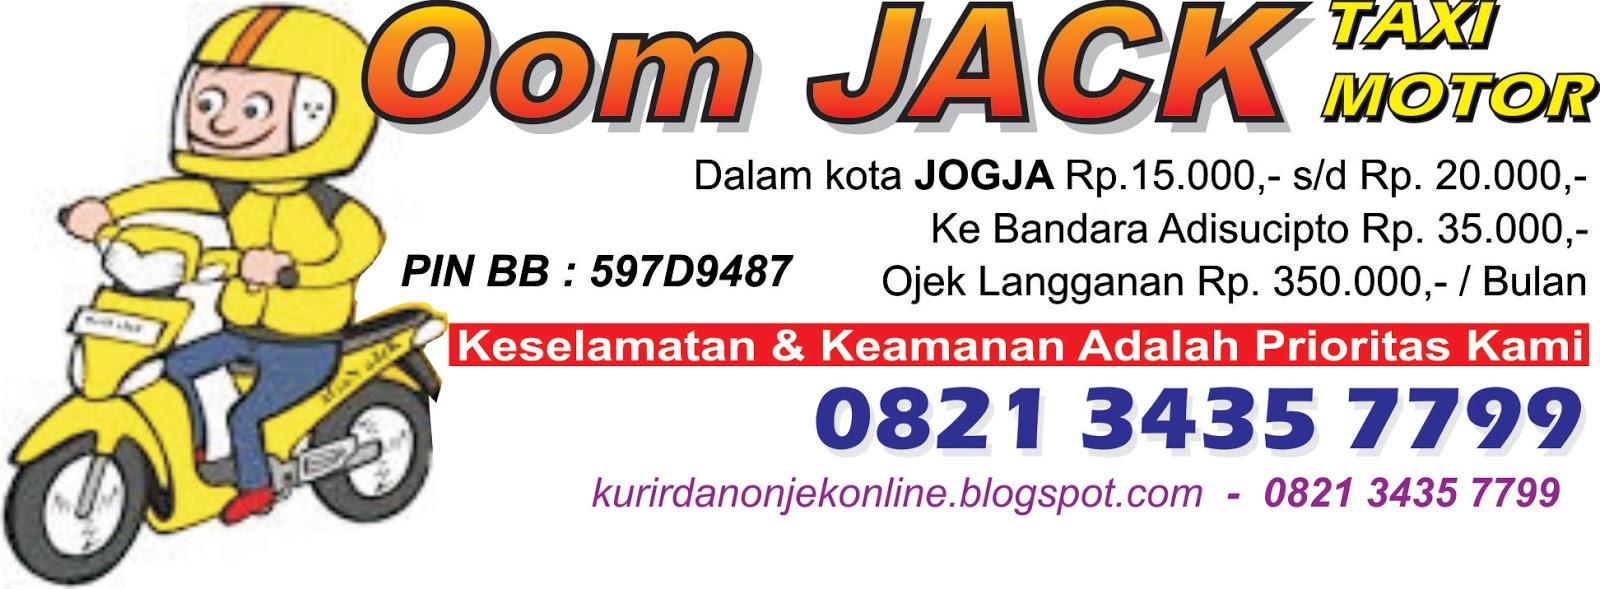 Tour and travel, Jual tiket promo, Jasa antar jemput ...